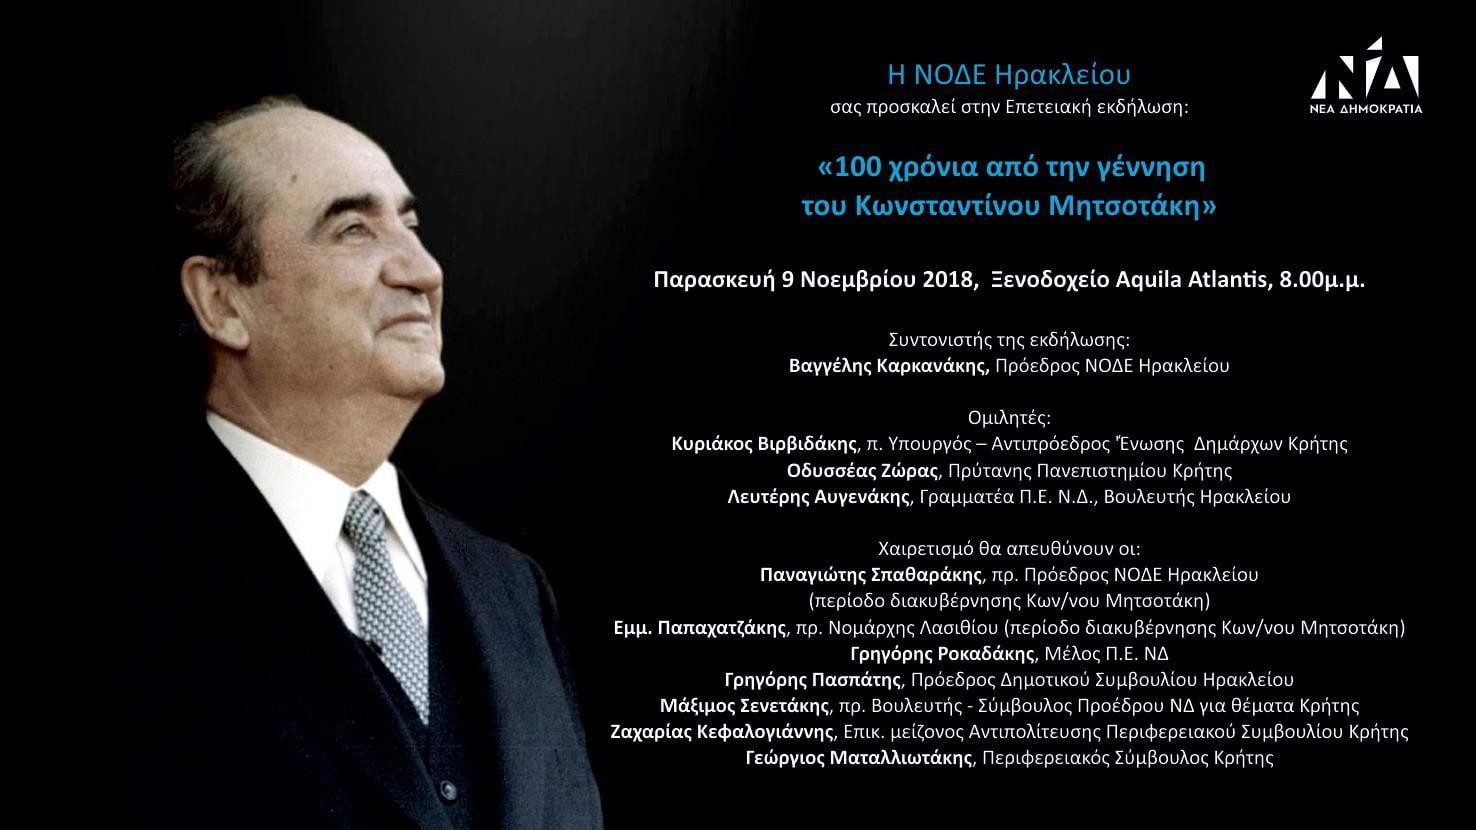 100 χρόνια από την γέννηση του Κωνσταντίνου Μητσοτάκη-Επετειακή Εκδήλωση της ΝΟΔΕ Ηρακλείου